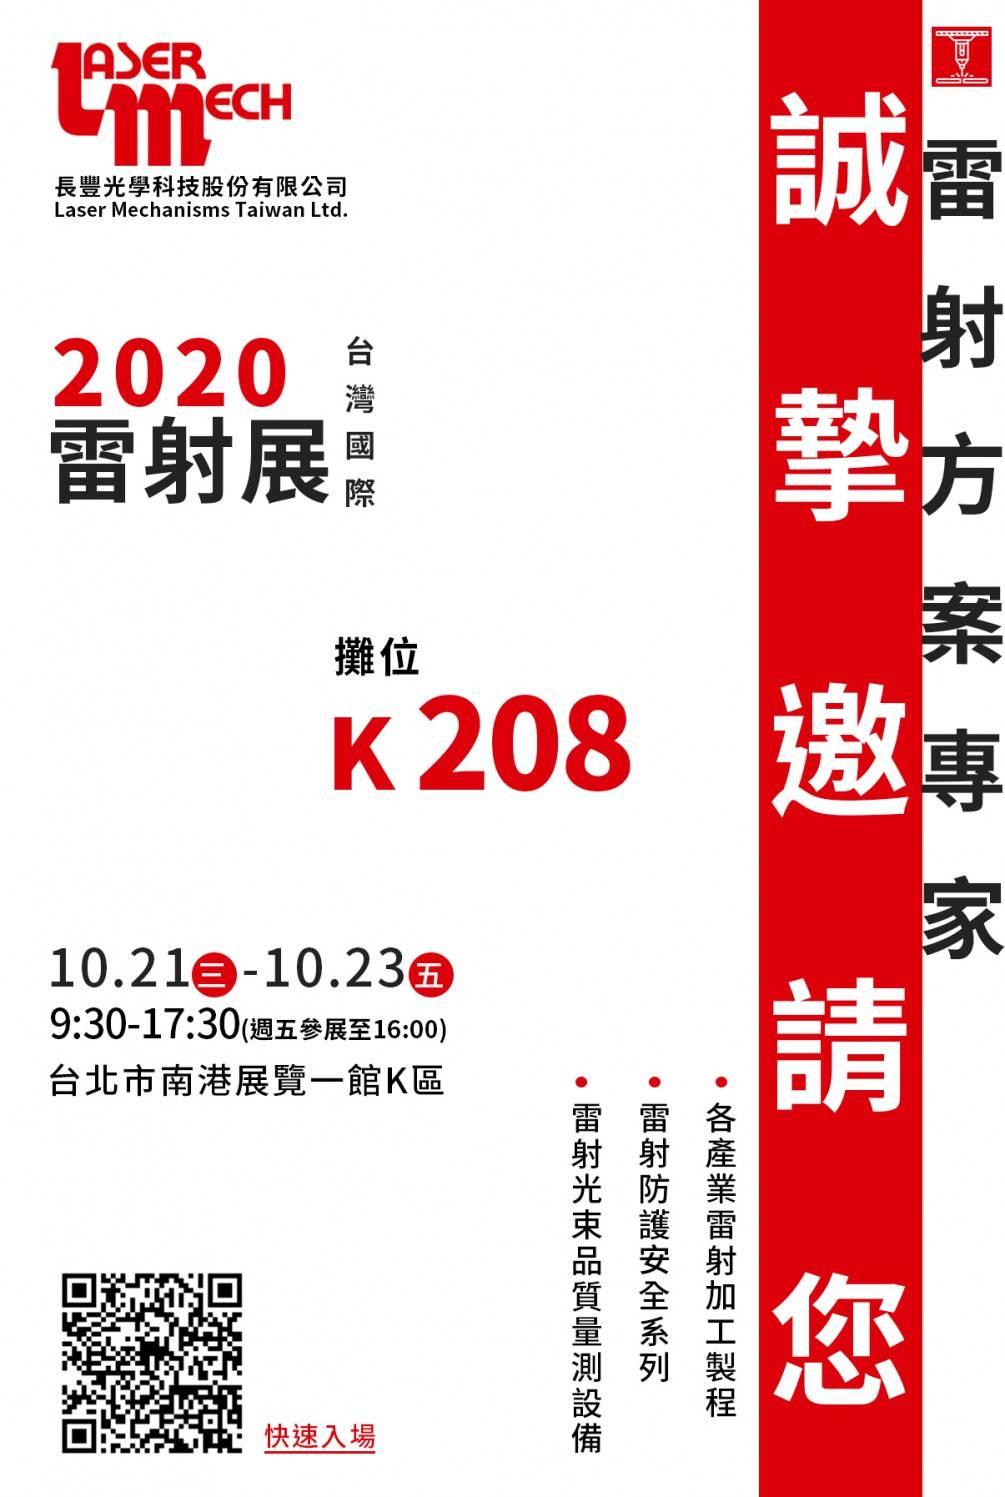 2020台灣國際雷射展 10/21-23 攤位K208